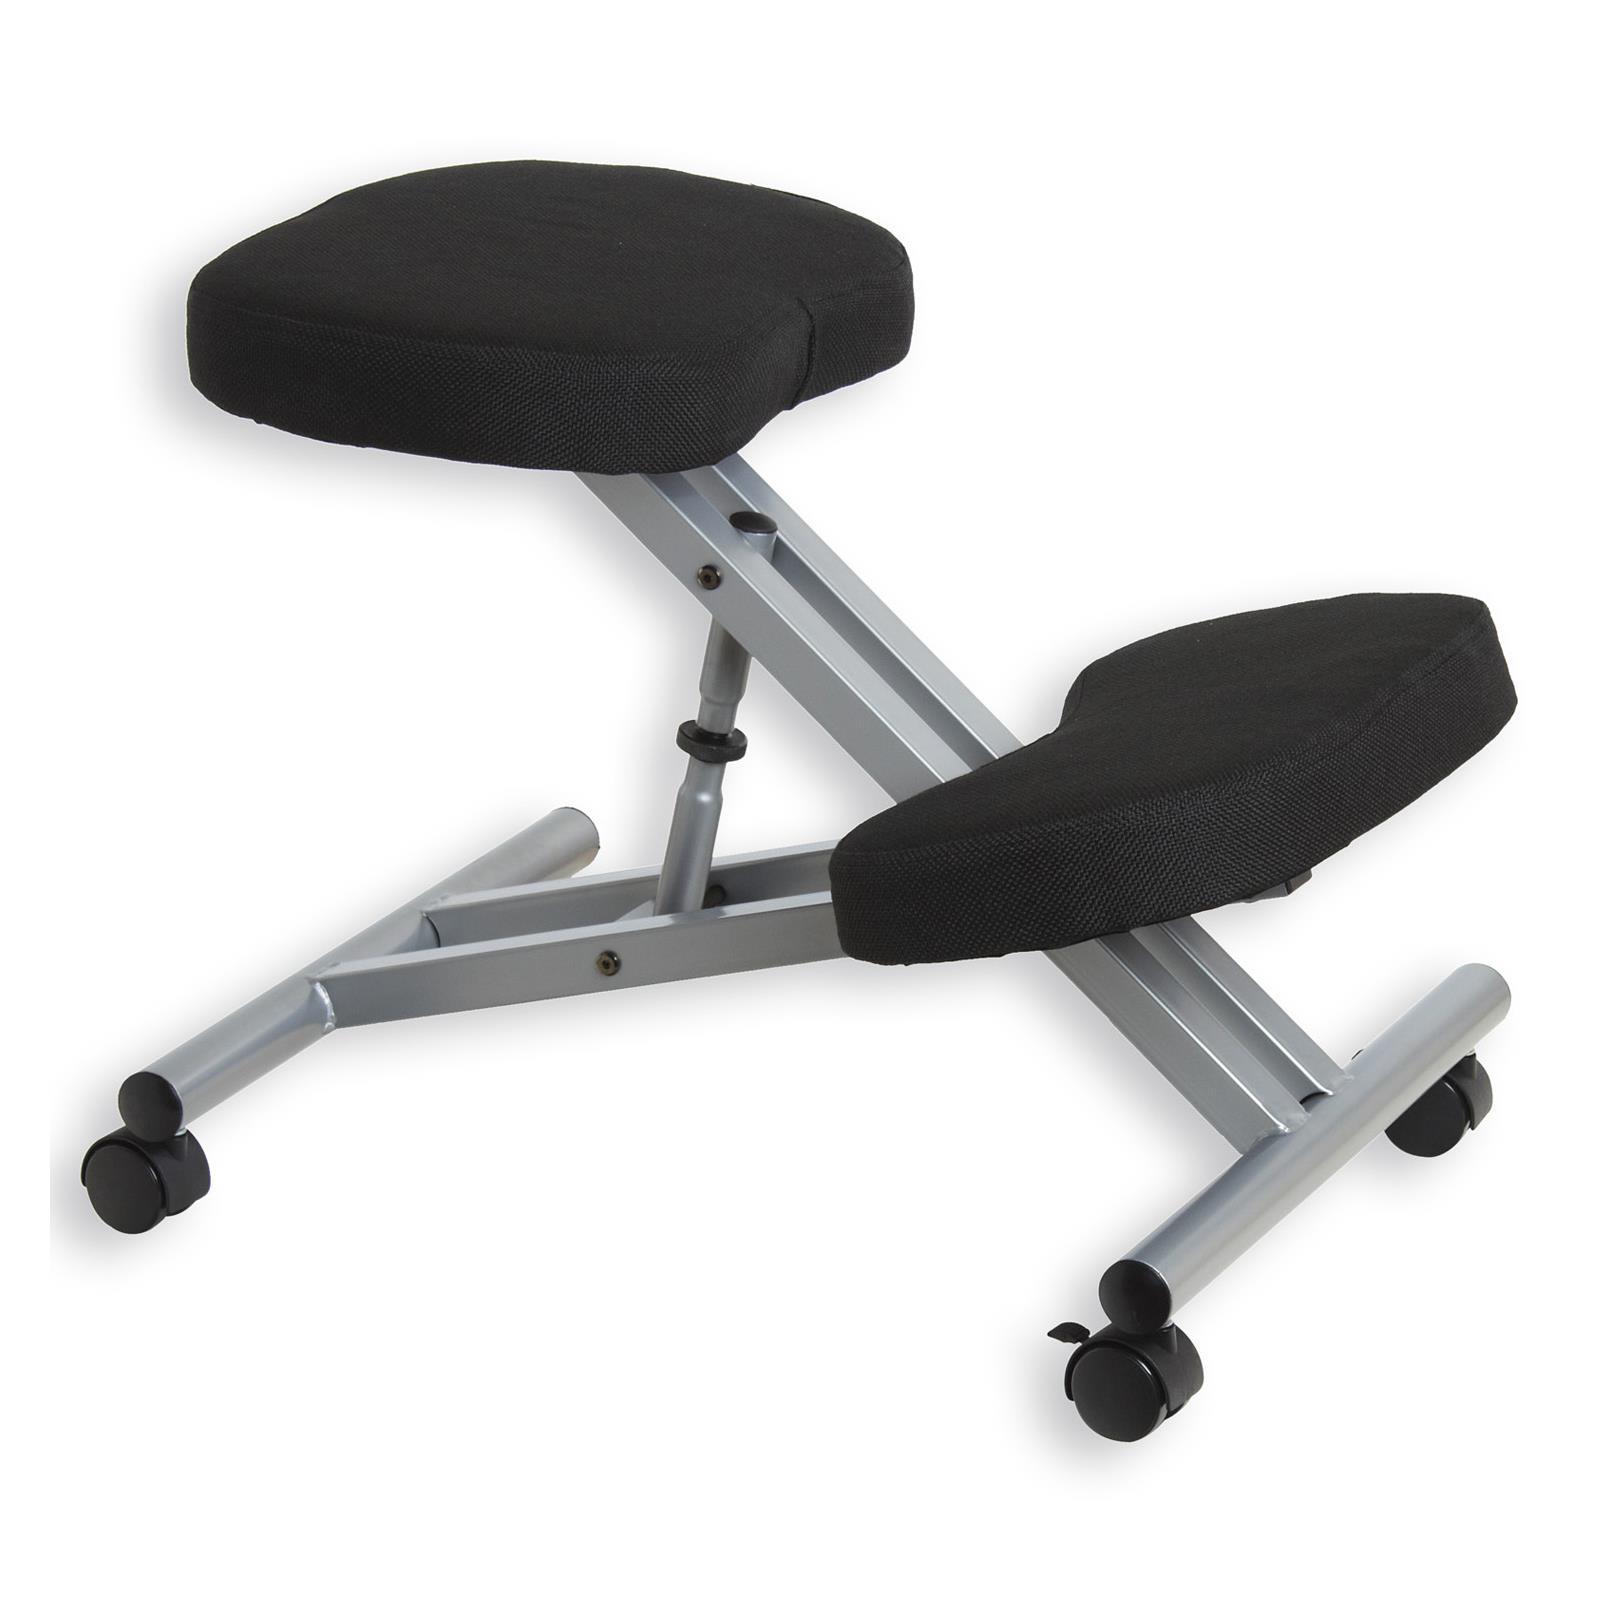 tabouret ergonomique robert couleur aluminium noir mobil meubles. Black Bedroom Furniture Sets. Home Design Ideas